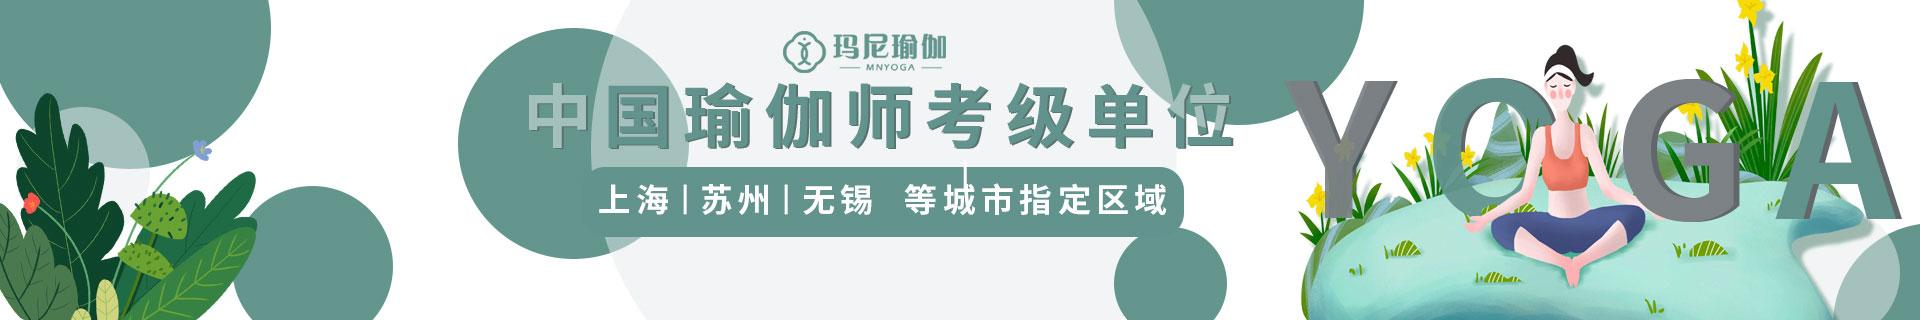 苏州吴江江陵店玛尼瑜伽培训